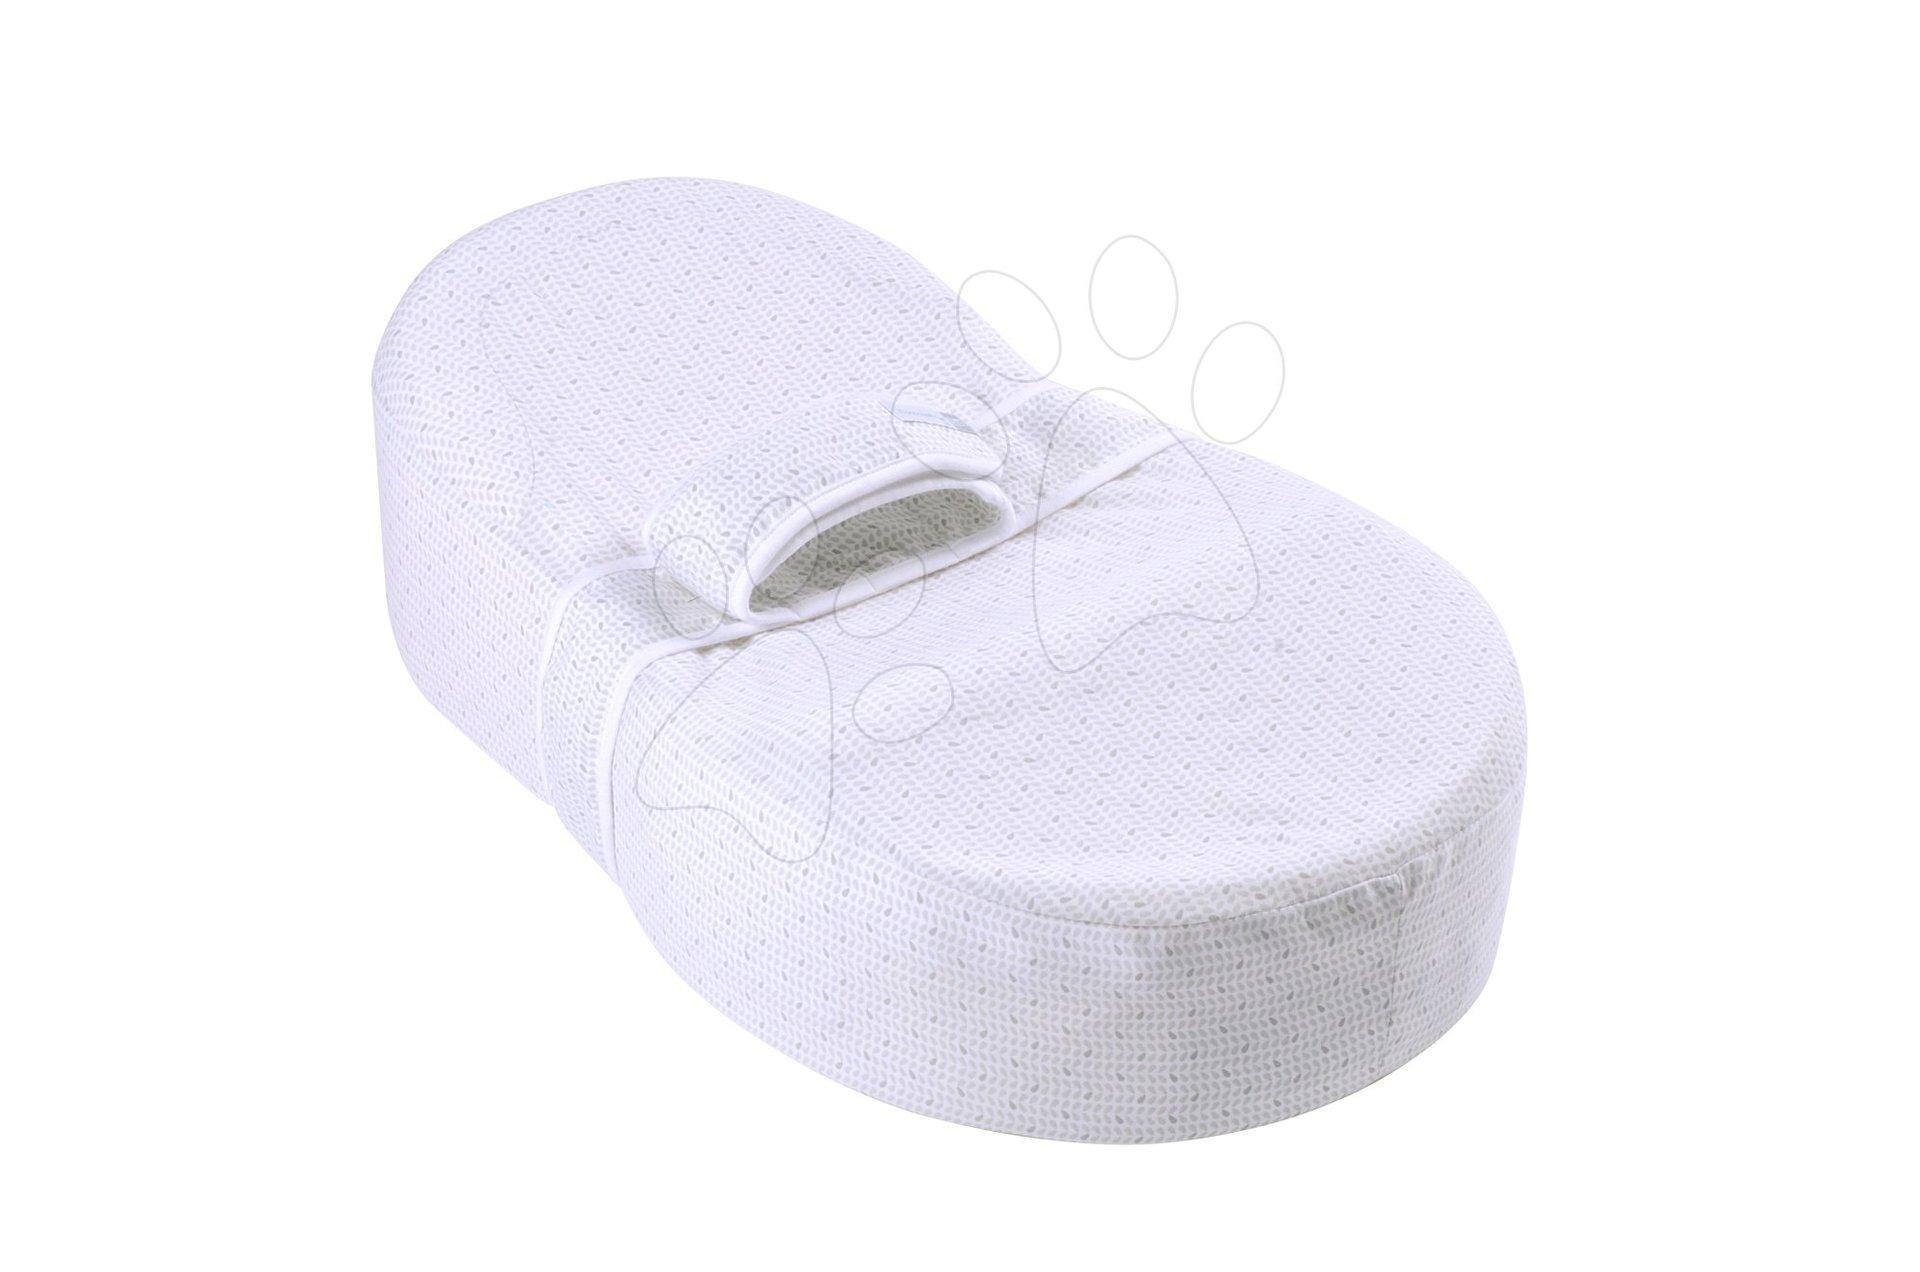 Hniezdo na spanie Cocoonababy® pre bábätká Leaf Red Castle 0-4 mesiacov s doplnkami, šedé s lístočkami